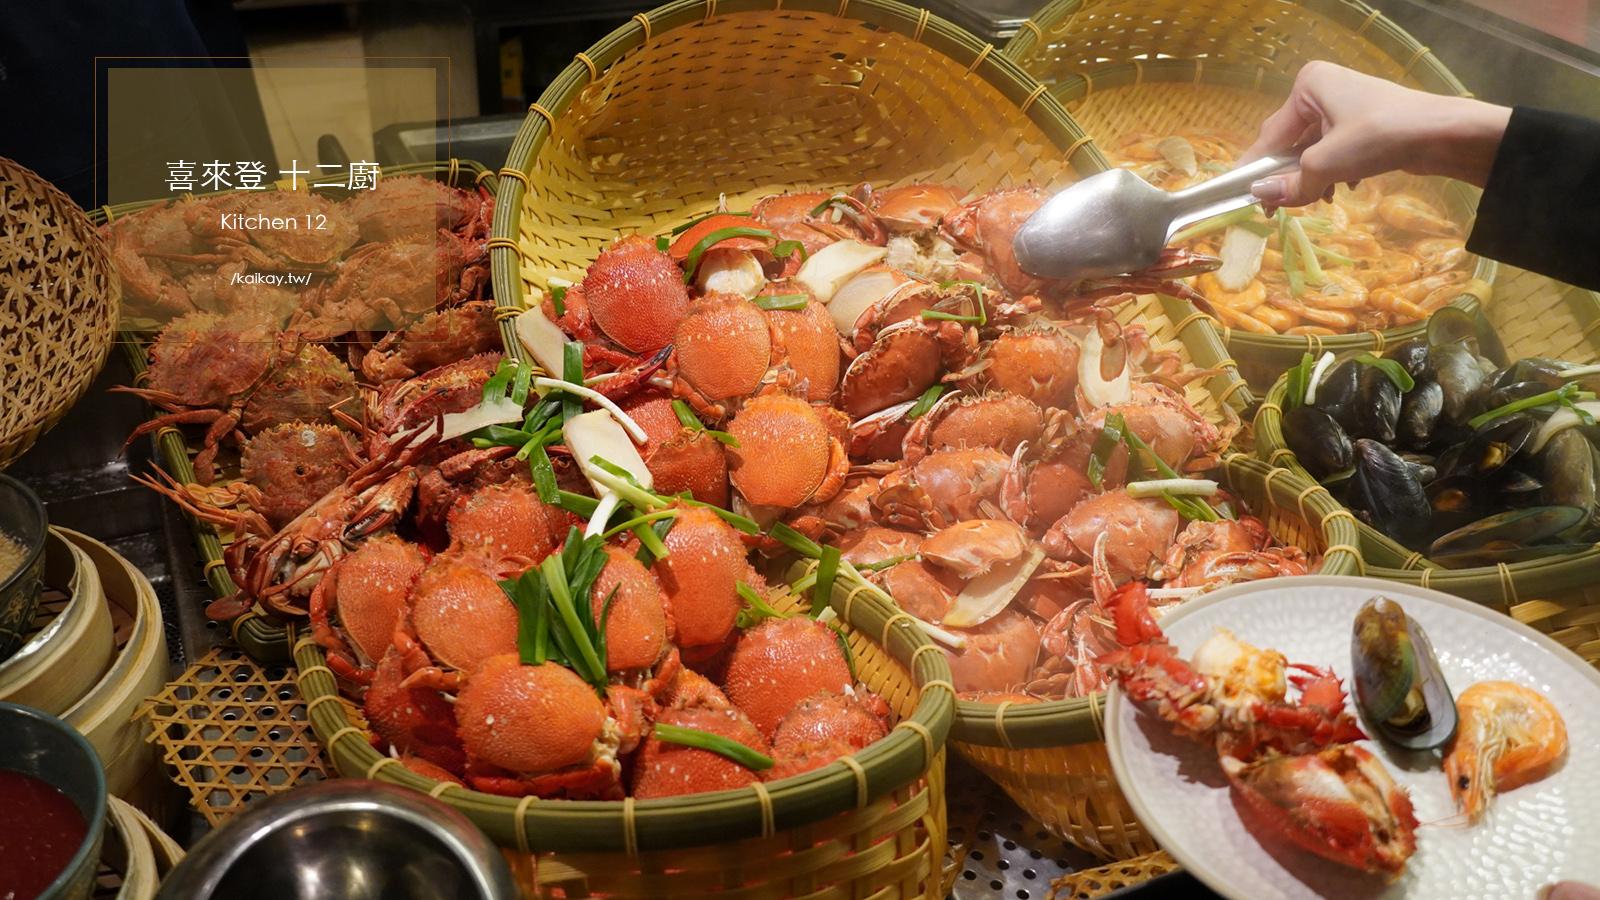 即時熱門文章:☆【台北|善導寺站】喜來登十二廚全新改裝自助餐。吃到飽線上優惠最低$679